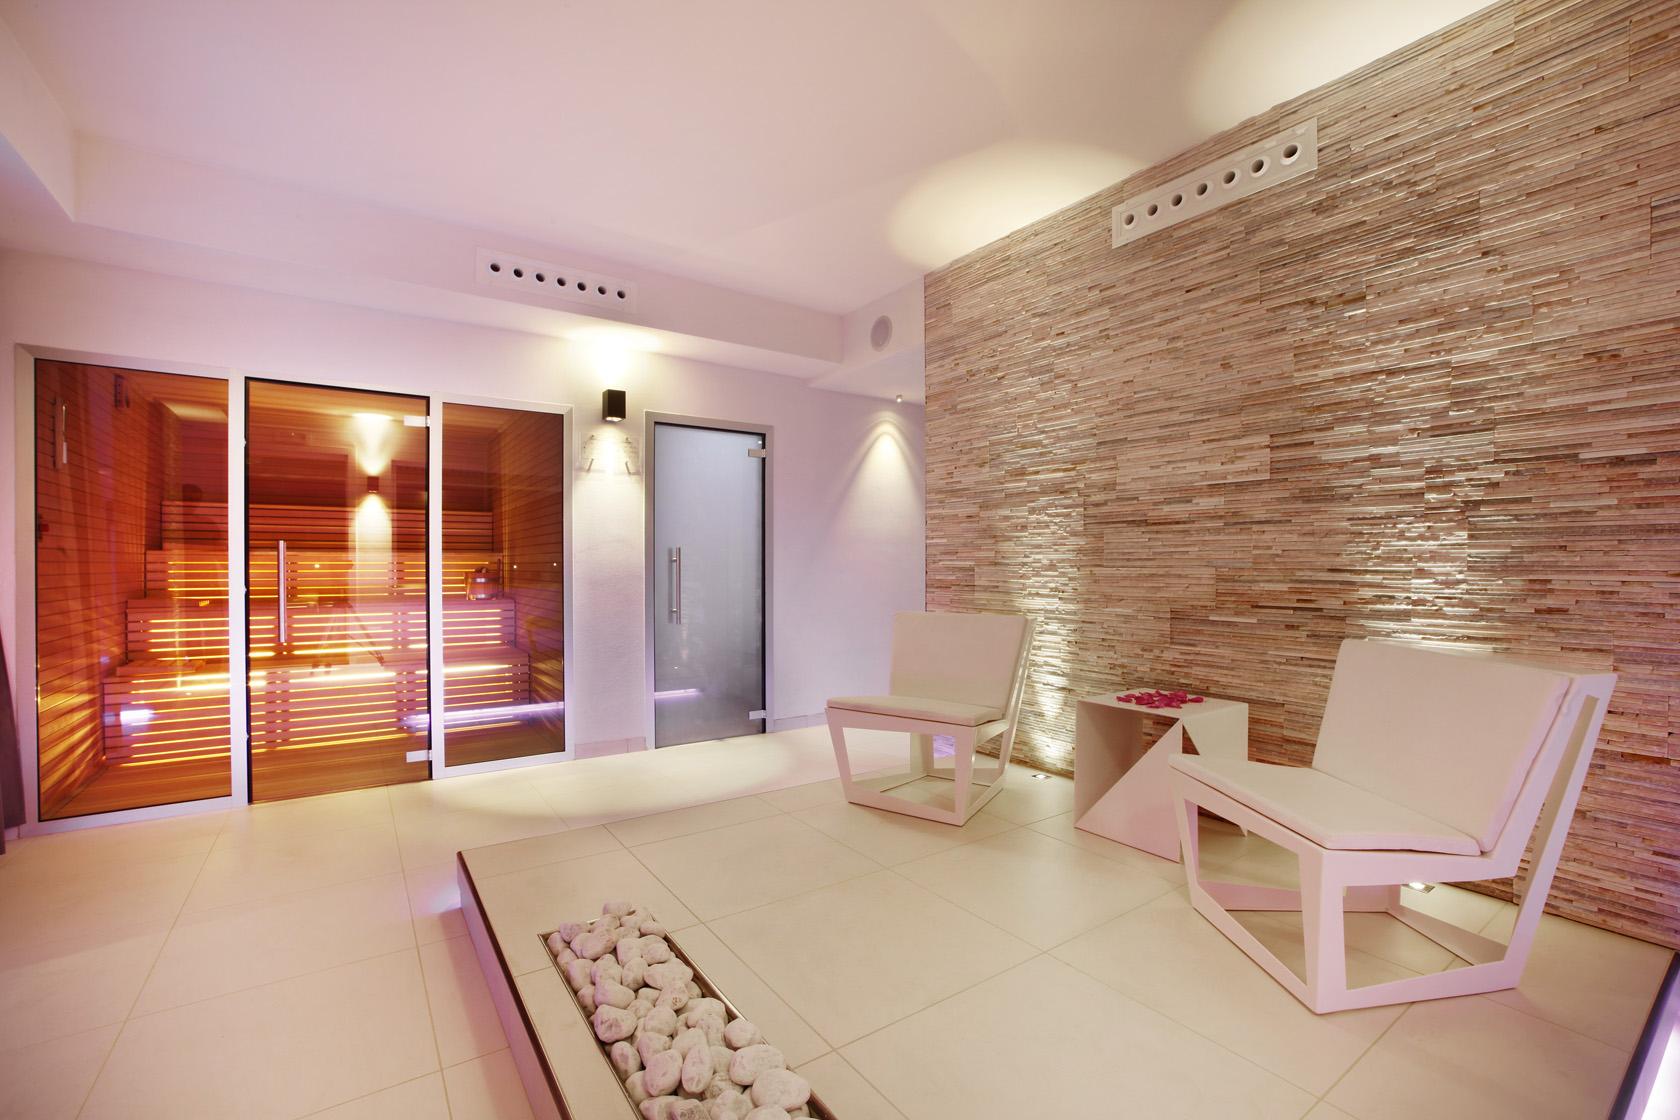 Offerte - Spa Hotel Parigi 2,Hotel a Dalmine Bergamo con centro ...